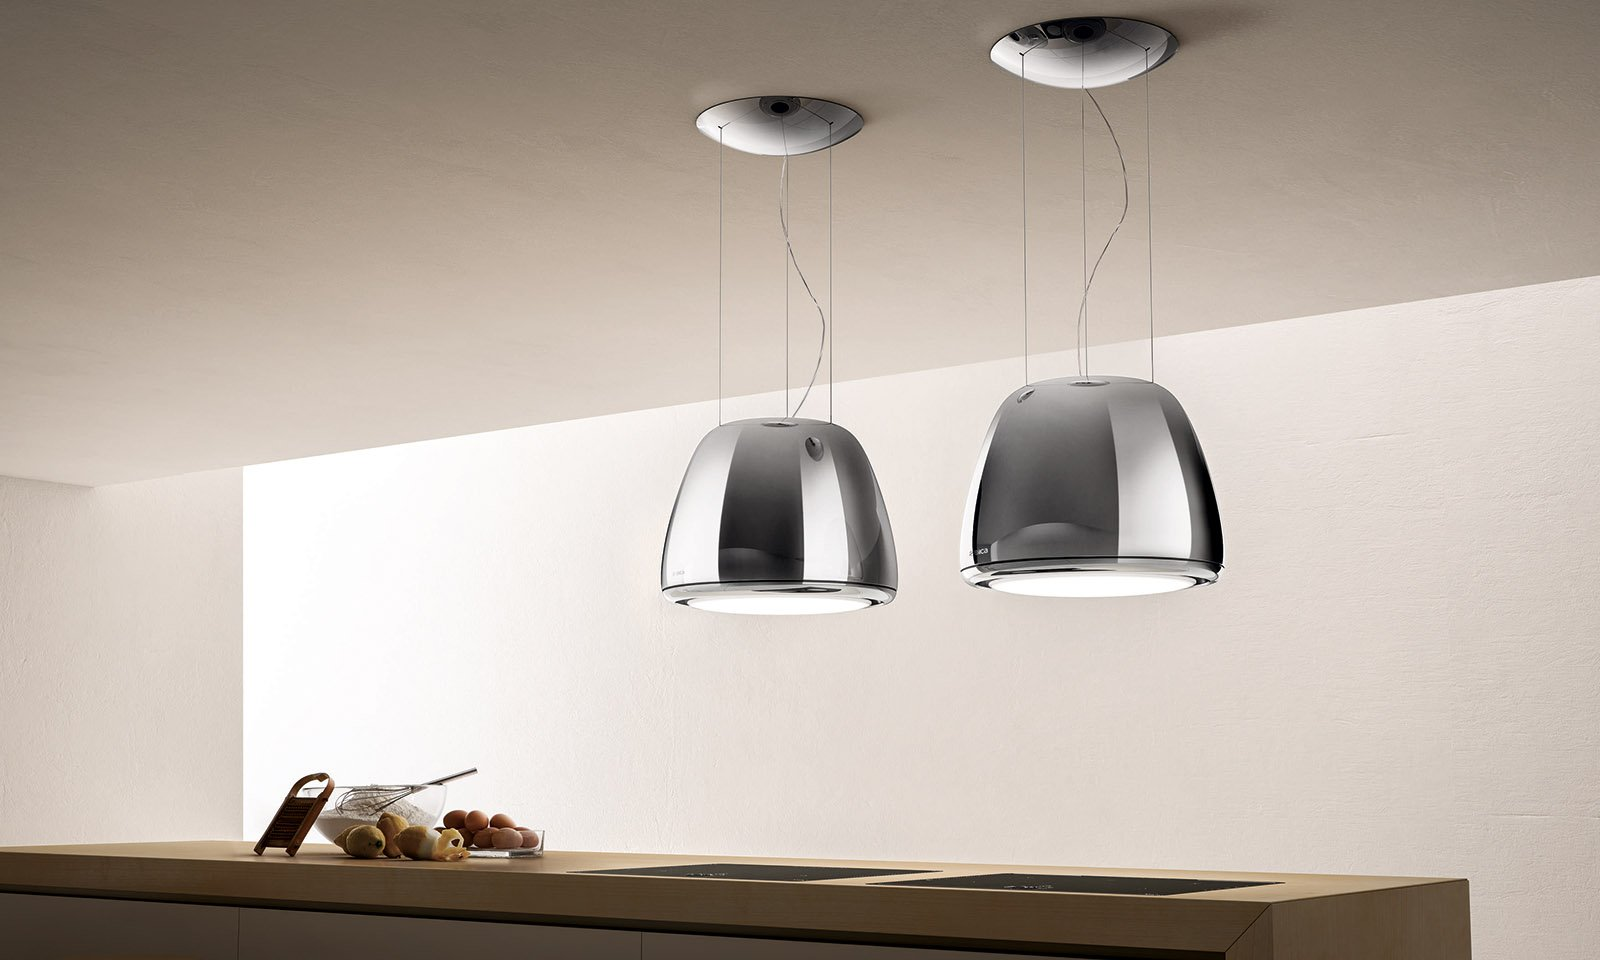 Cucina la luce nel punto giusto cose di casa for Design della casa di 750 piedi quadrati